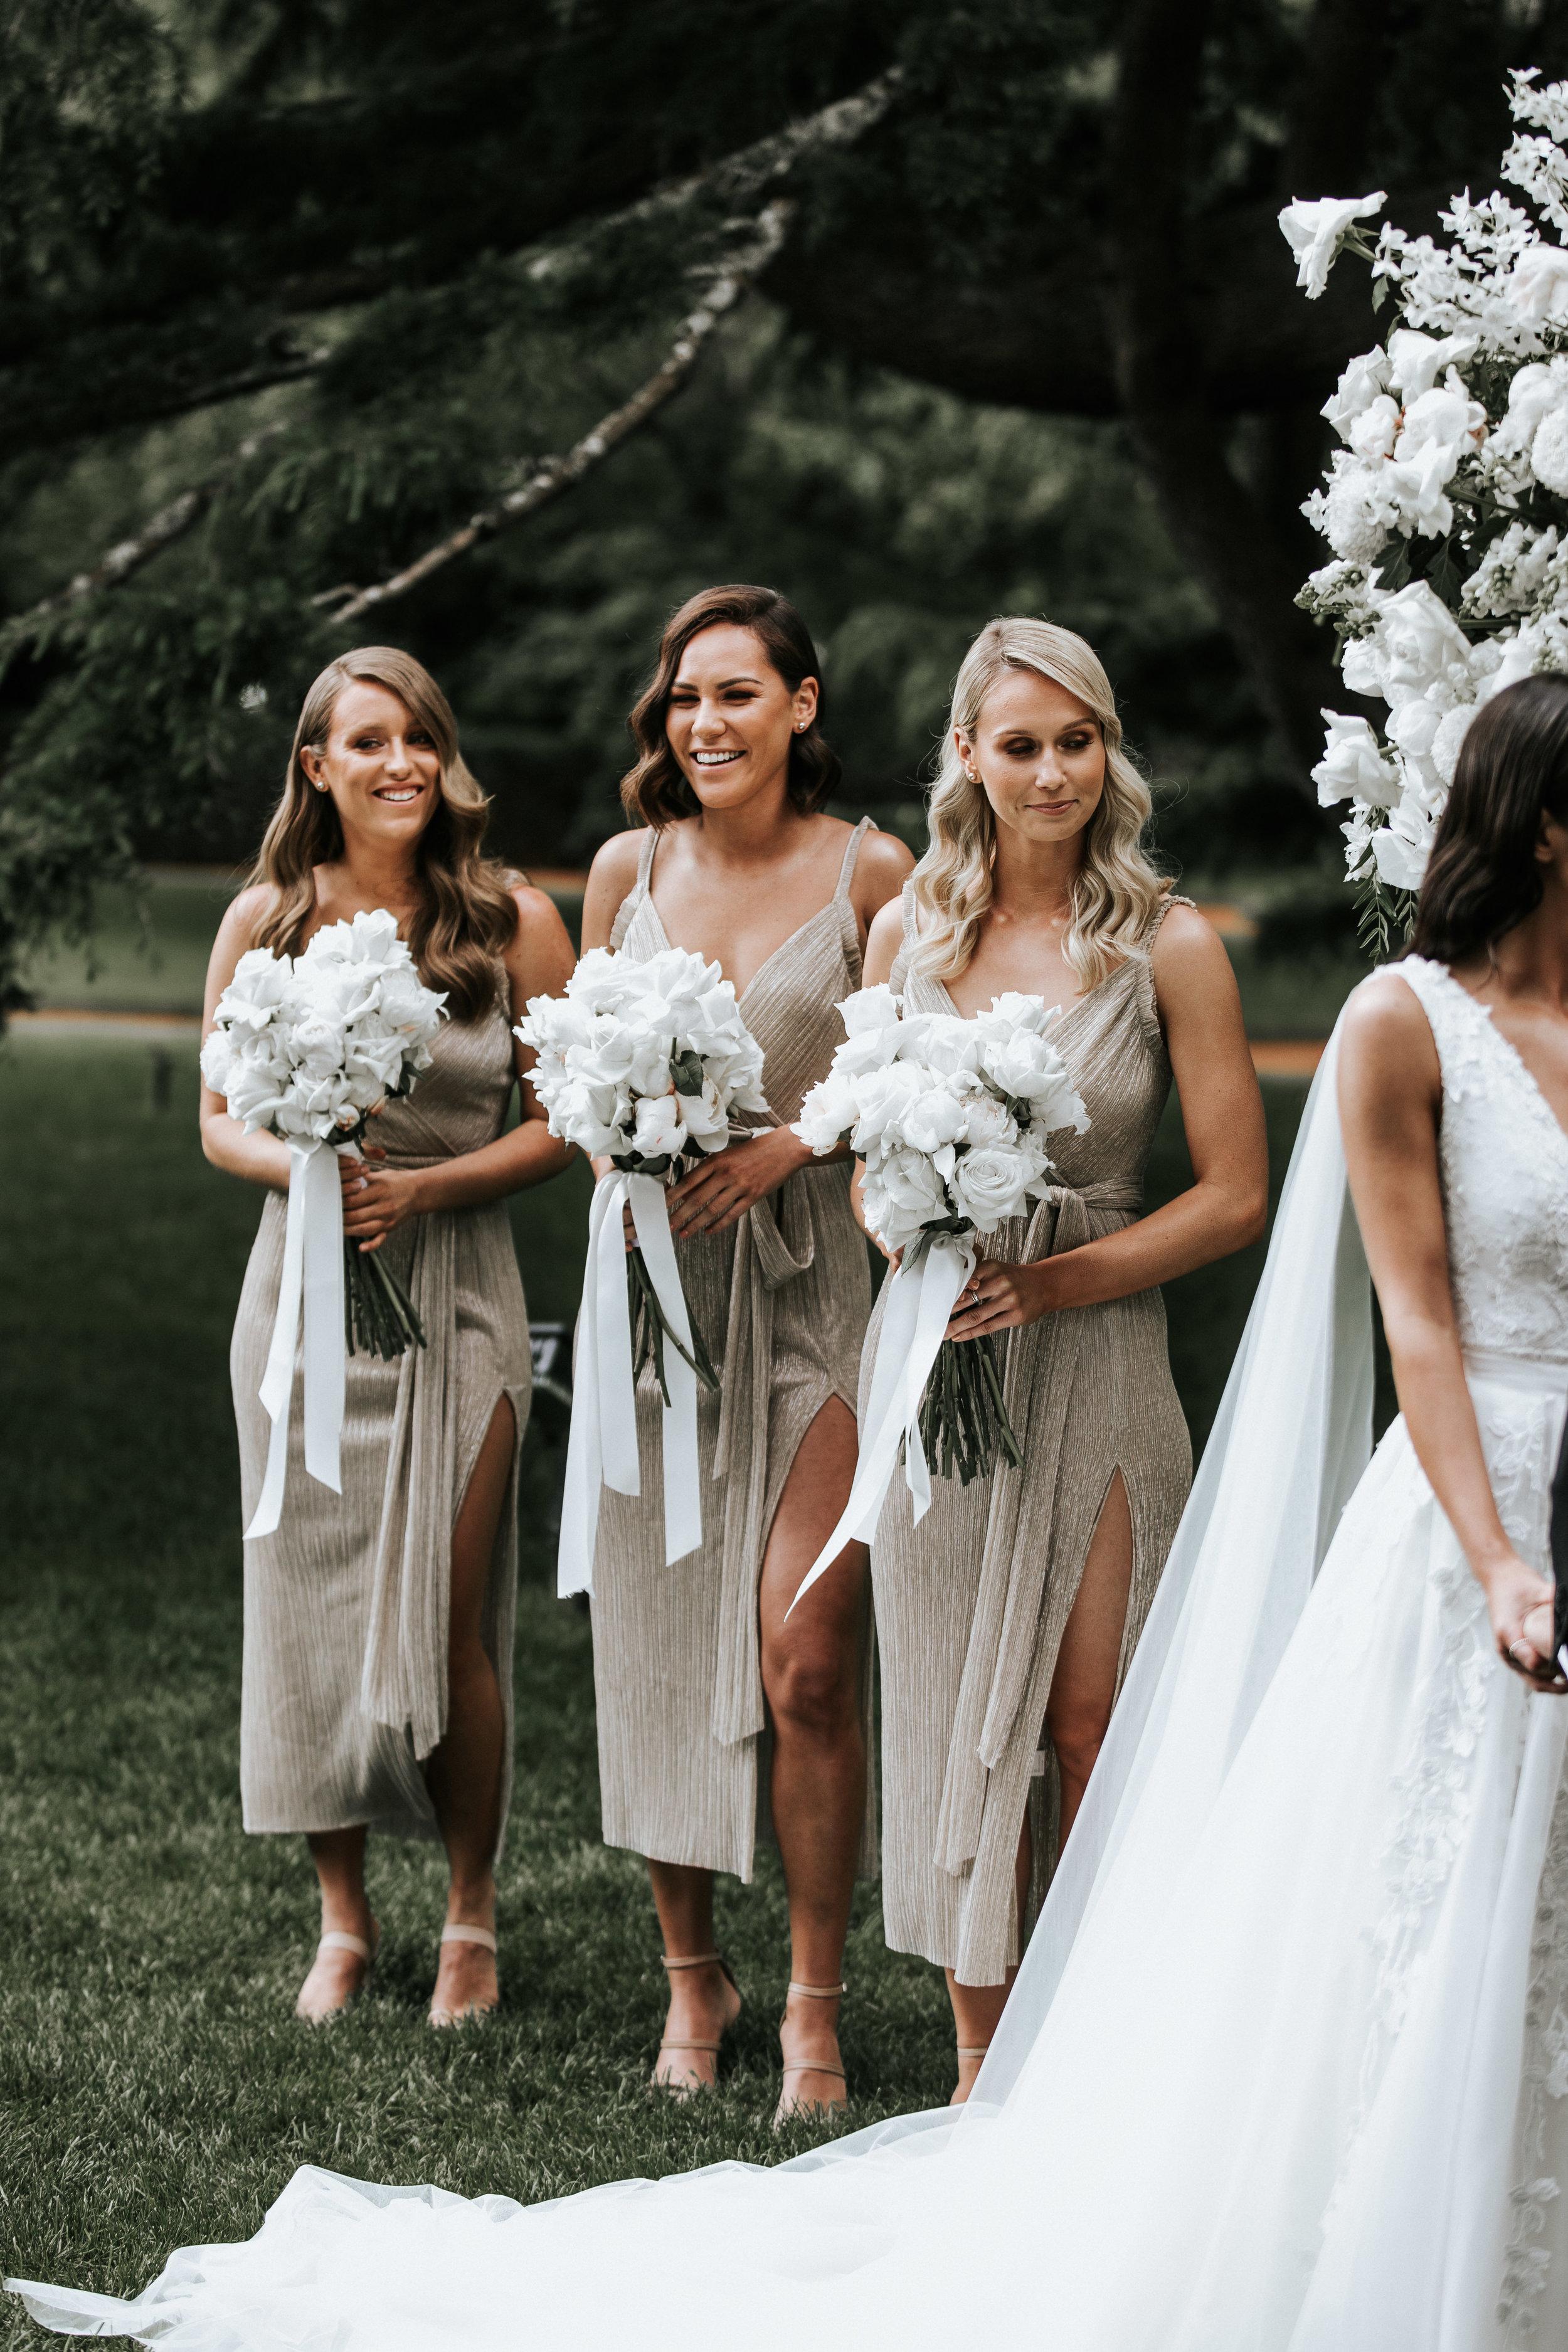 ashleigh-kurtis-pont-wedding-163.jpg